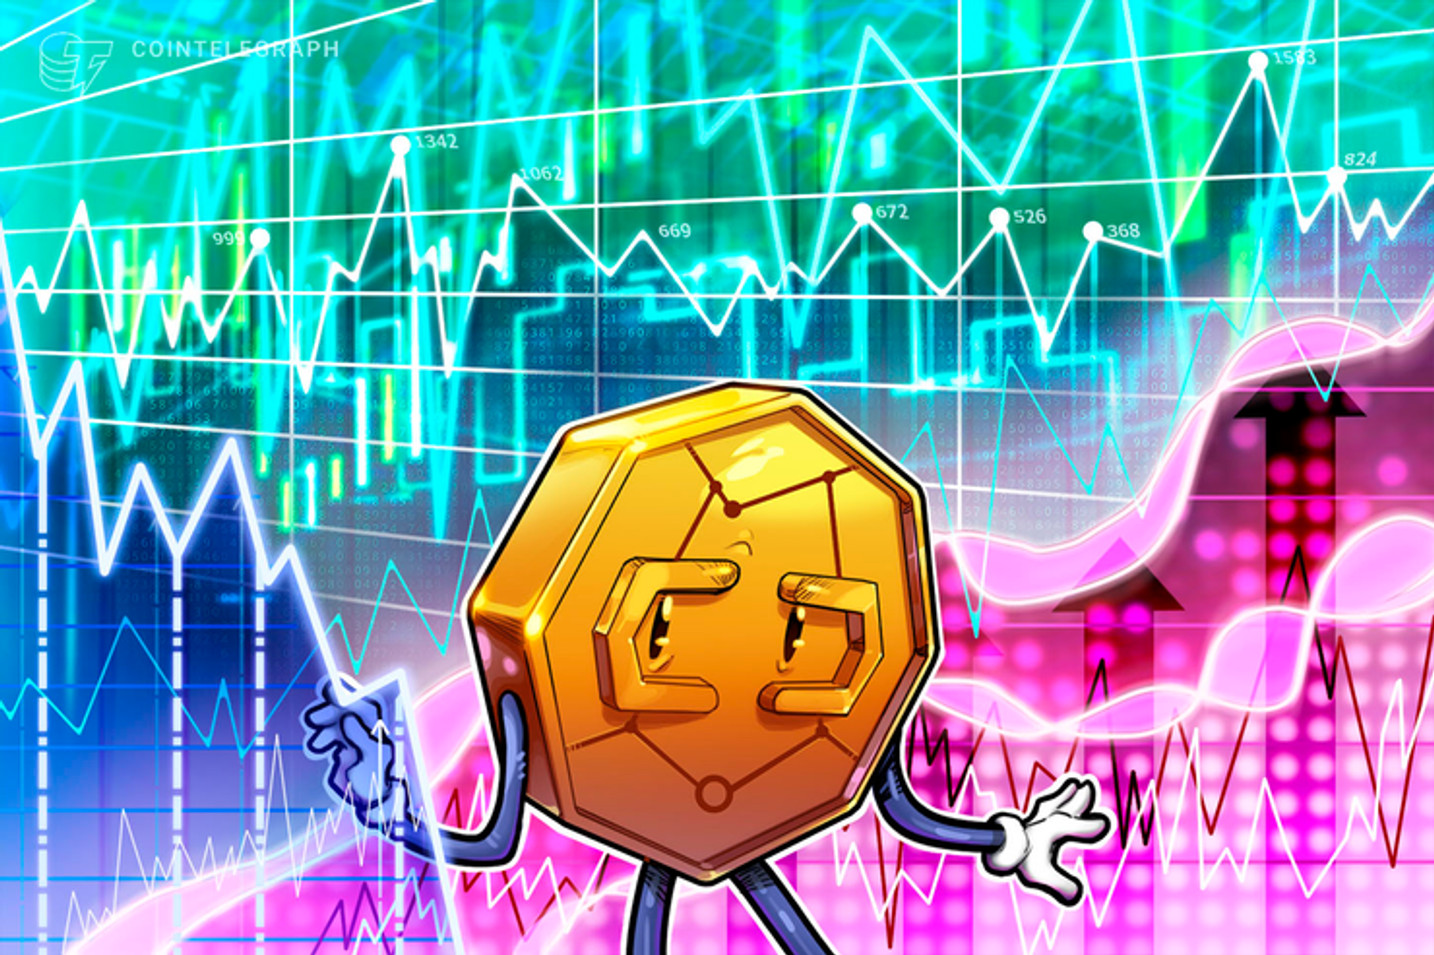 Pior trader pode ganhar prêmio em competição que premiará o melhor negociante com 1 Bitcoin no Brasil